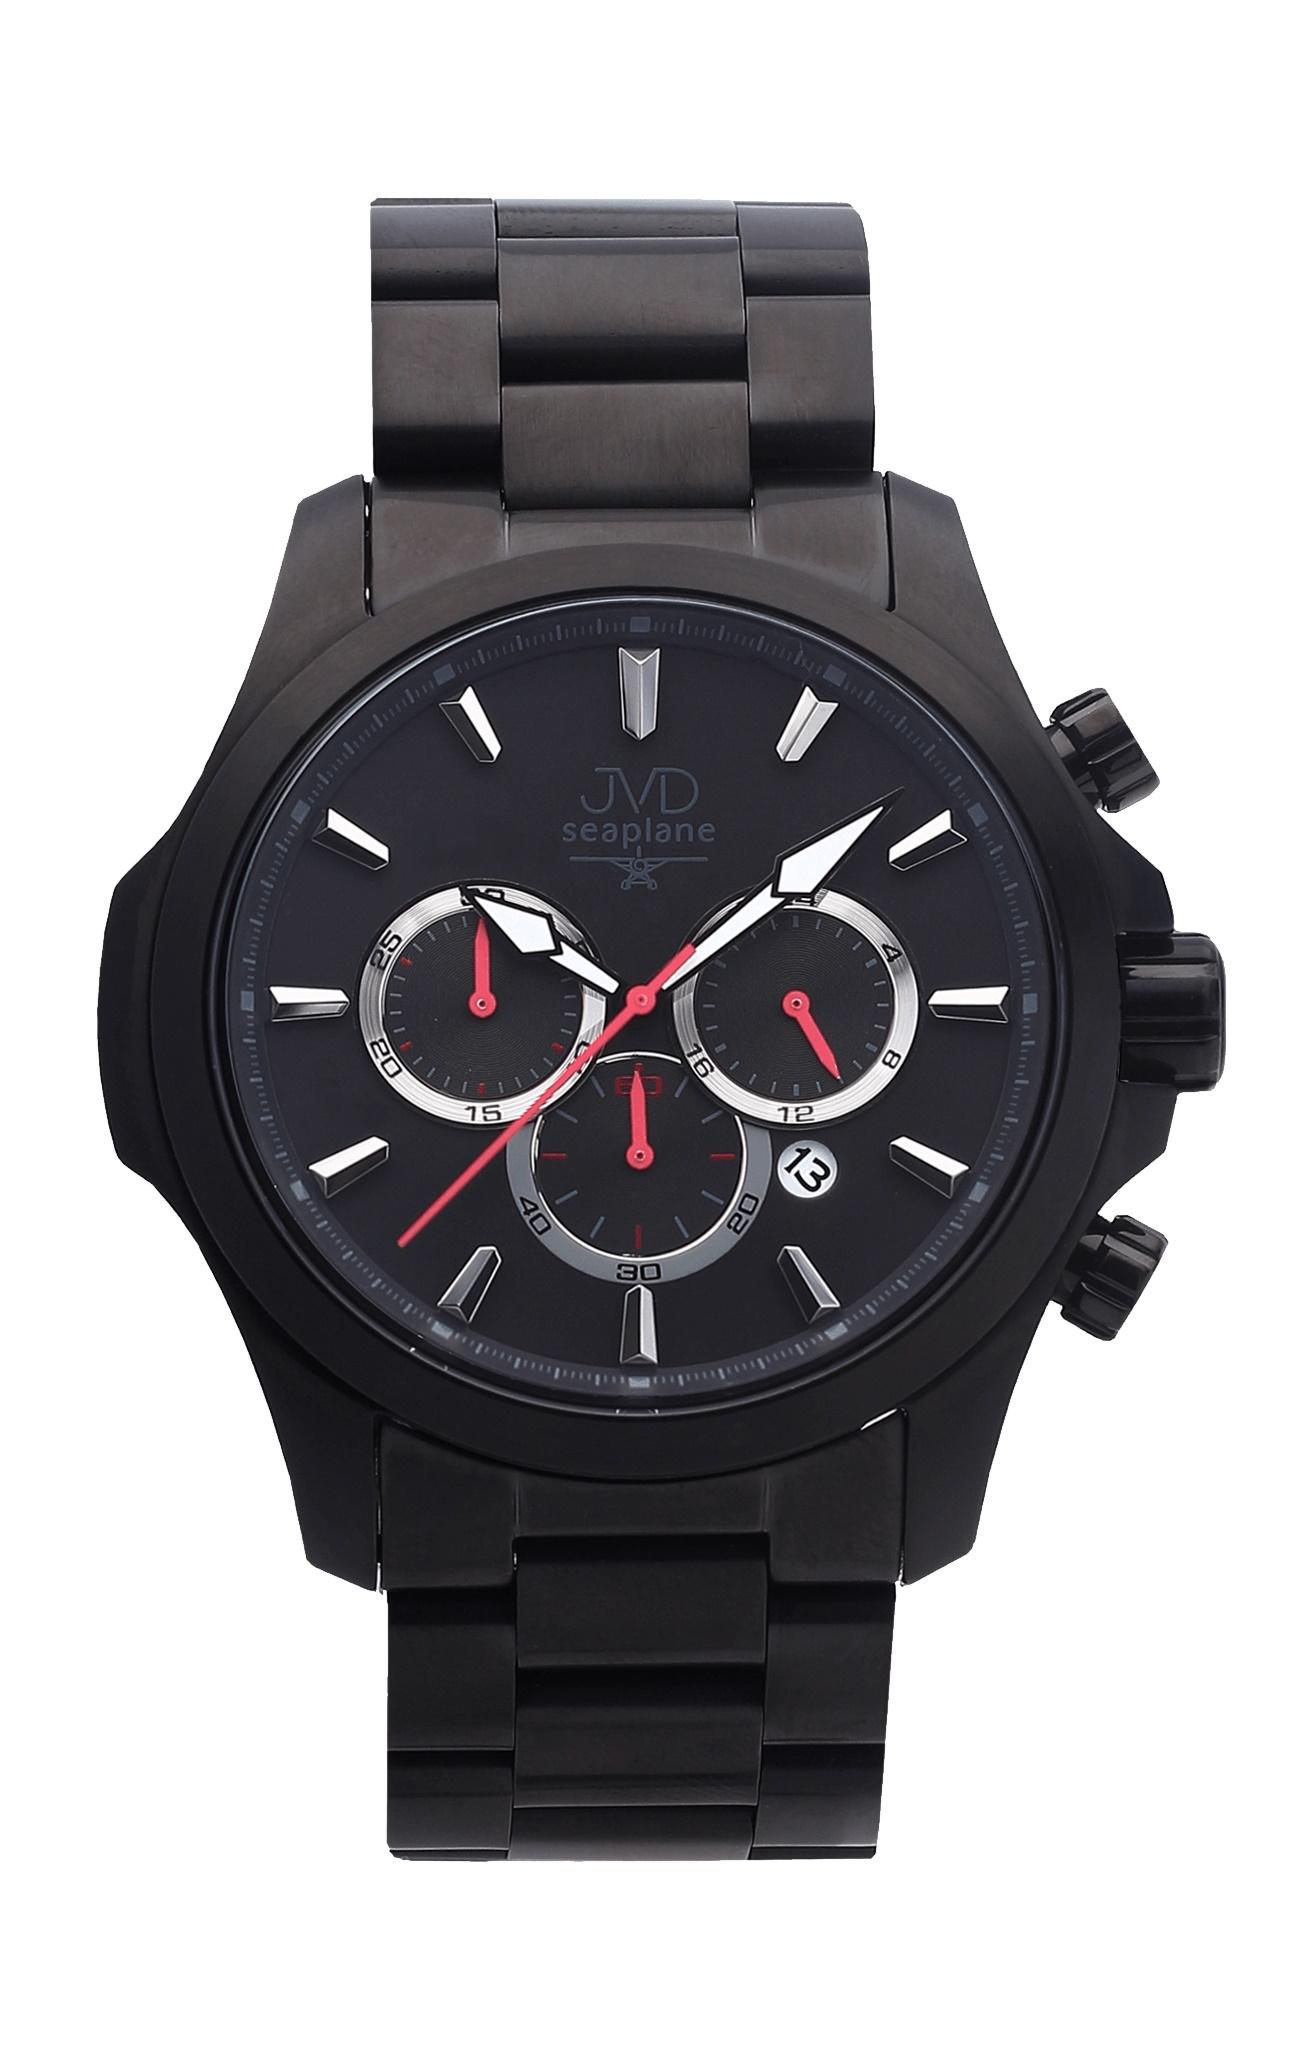 Vysoce odolné vodotěsné chronografy hodinky JVD Seaplane CORE JC704.3 -  10ATM (POŠTOVNÉ ZDARMA 9e8abd9e245